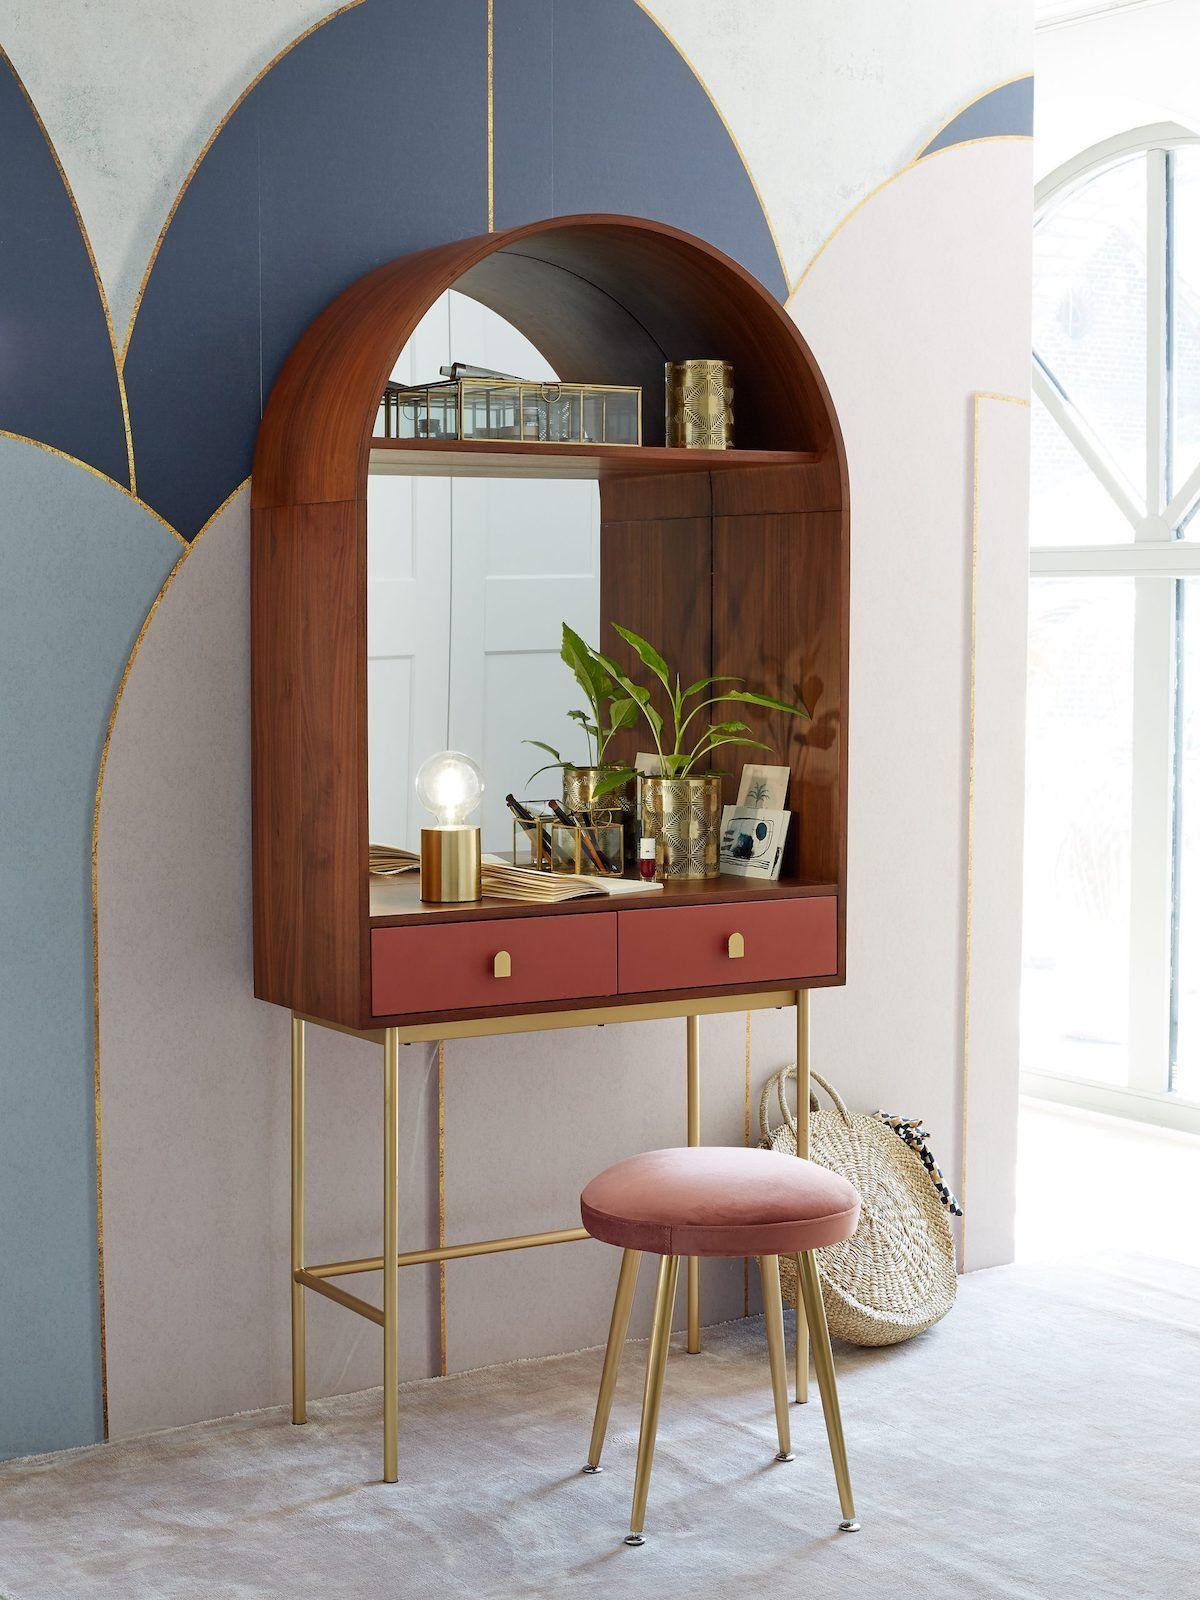 Amenagement Couloir Espace Travail Meuble Bureau Console Originale Sur Pied Terracotta Bois Acajou In 2020 Bedroom Interior Decor Home Decor